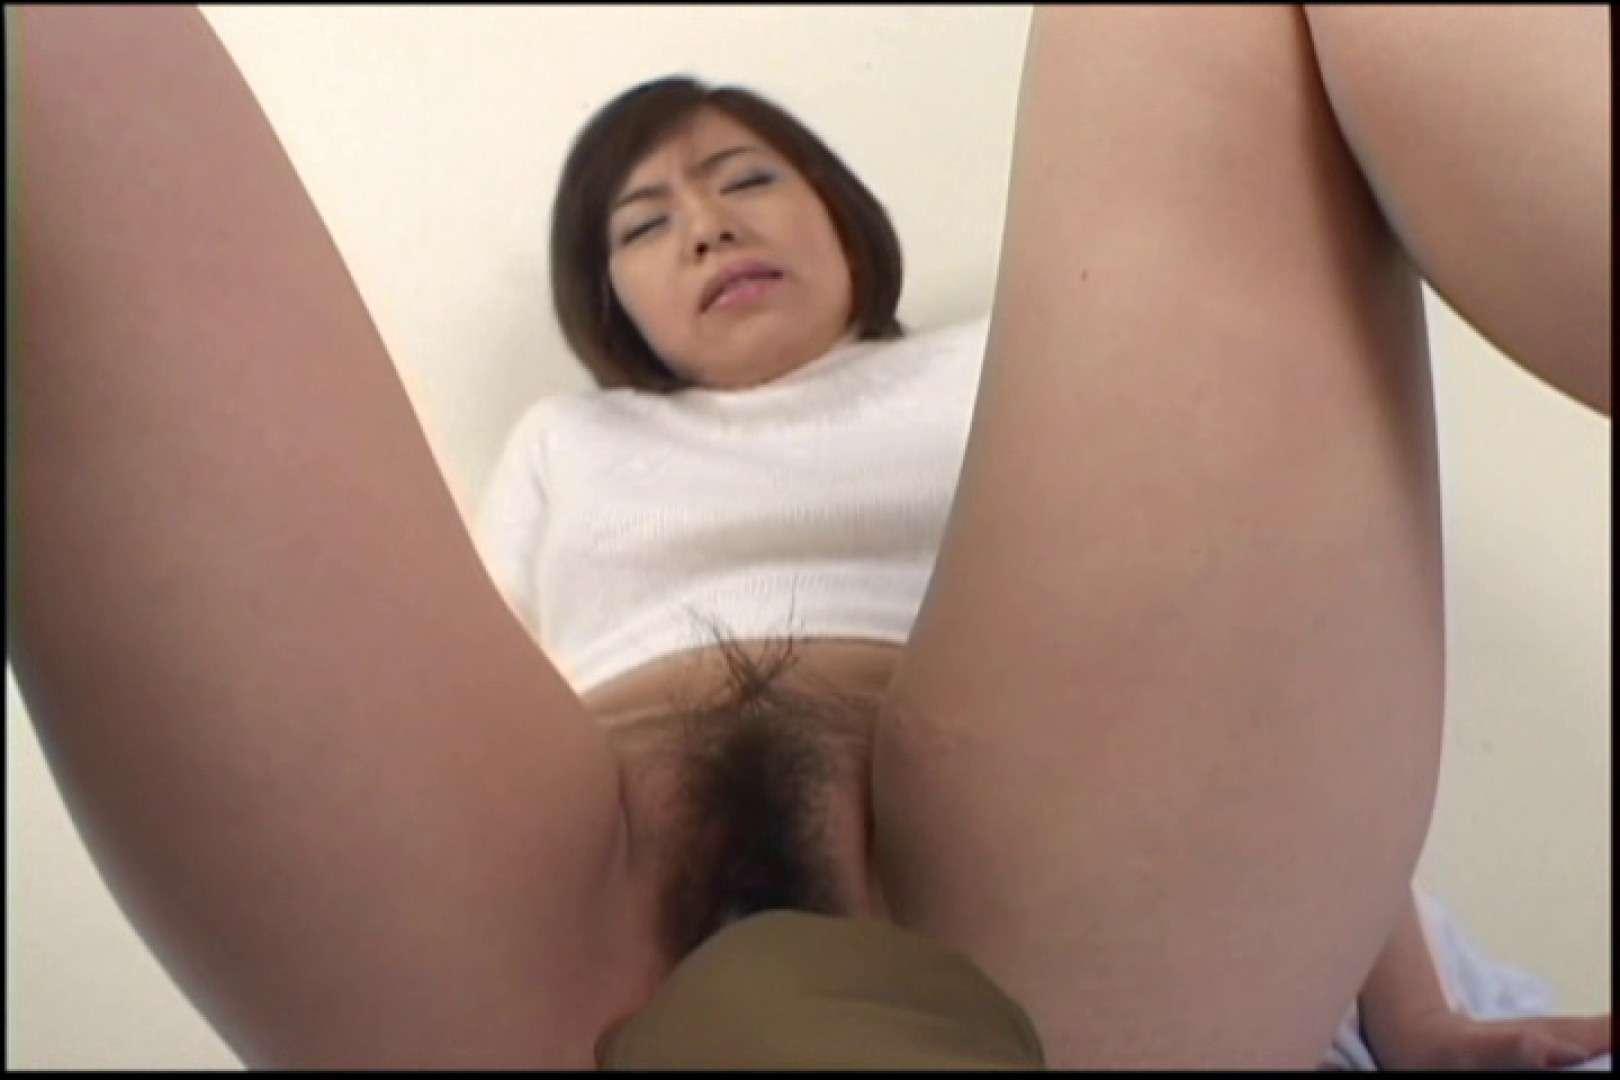 間違いなく性に飢えてる奥様VOL.02 西島れい オナニー特集   熟女の裸体  63画像 28